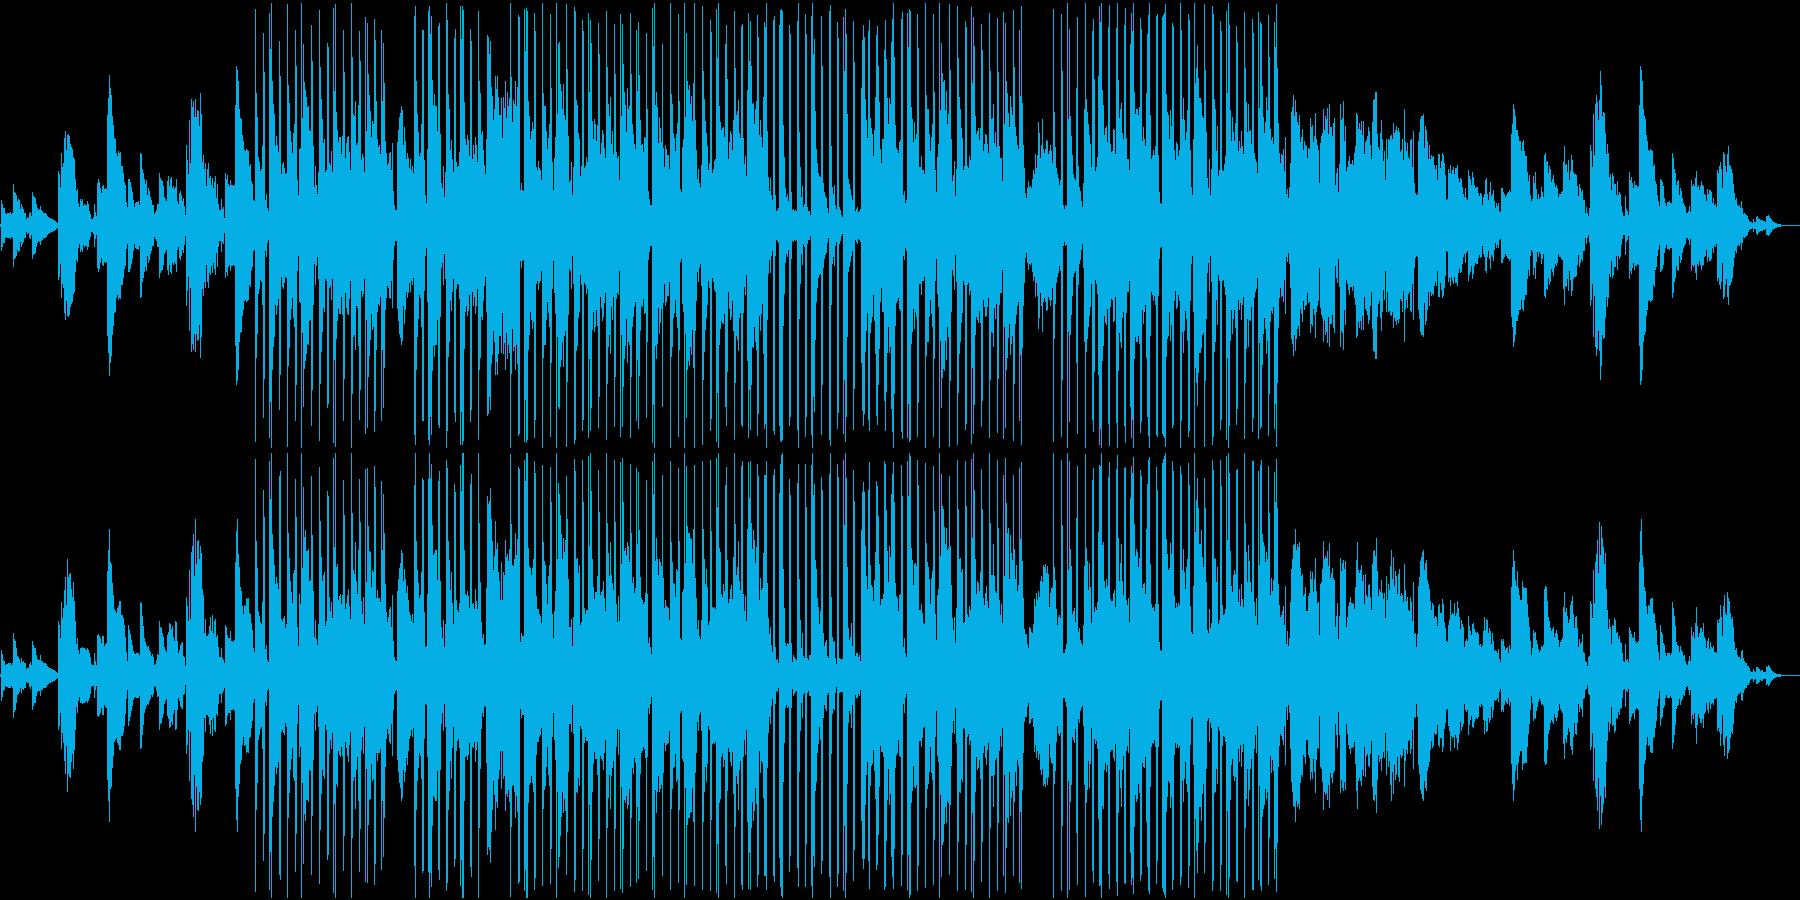 エレキギターのメロディが切ない曲の再生済みの波形